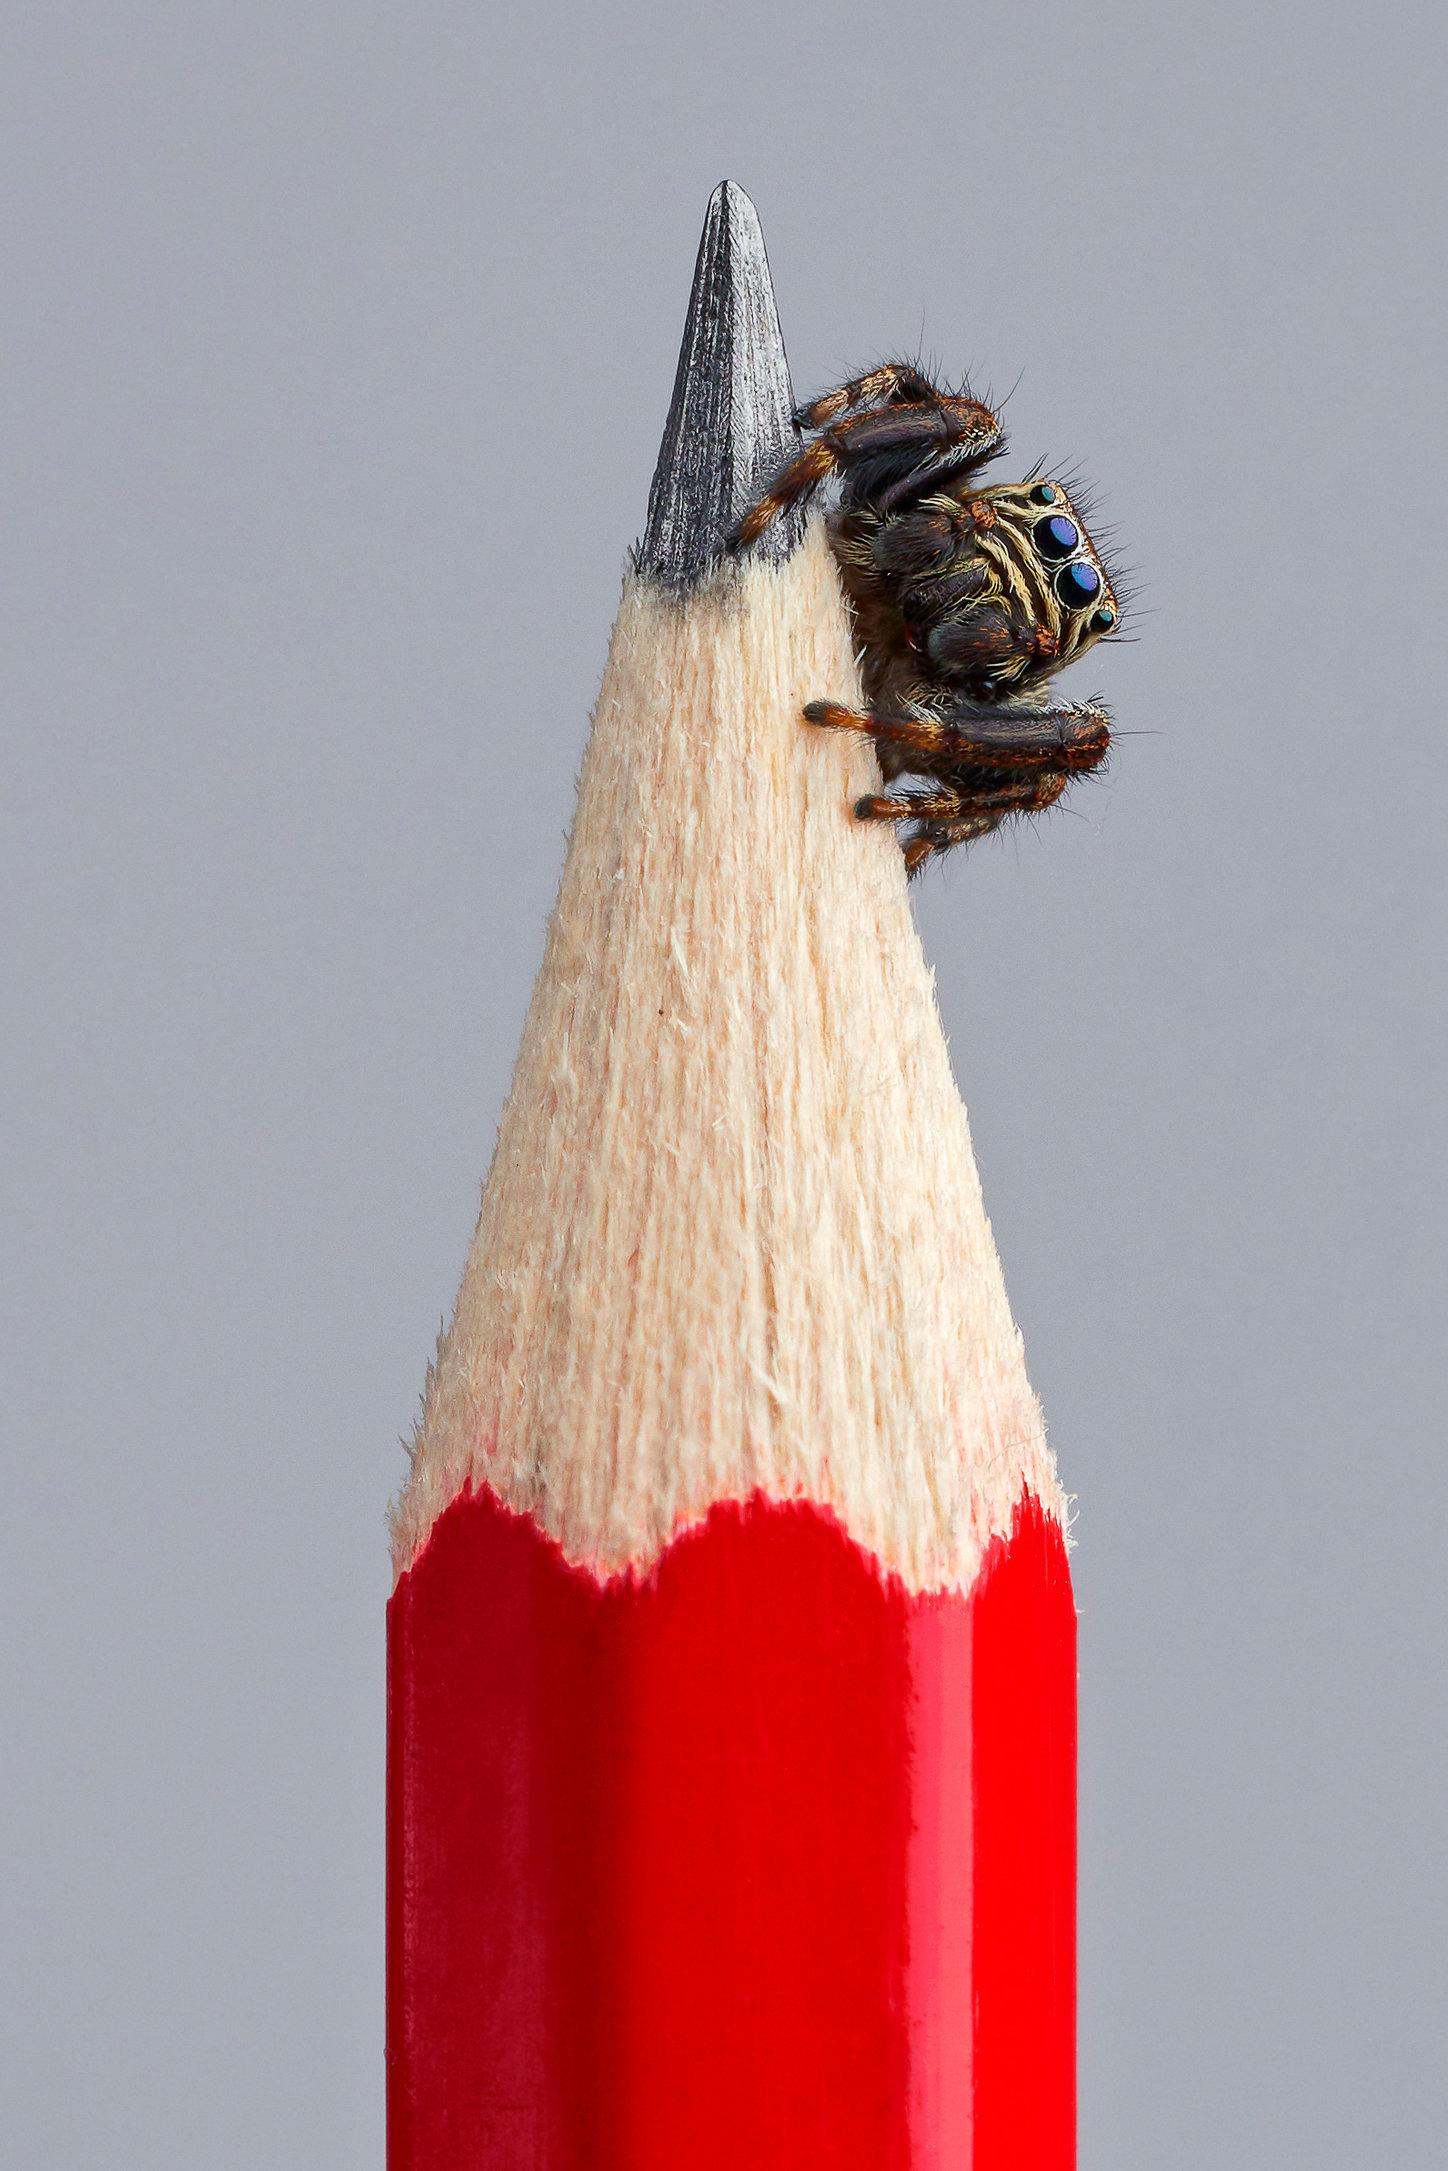 web_Jumping spider-1.jpg